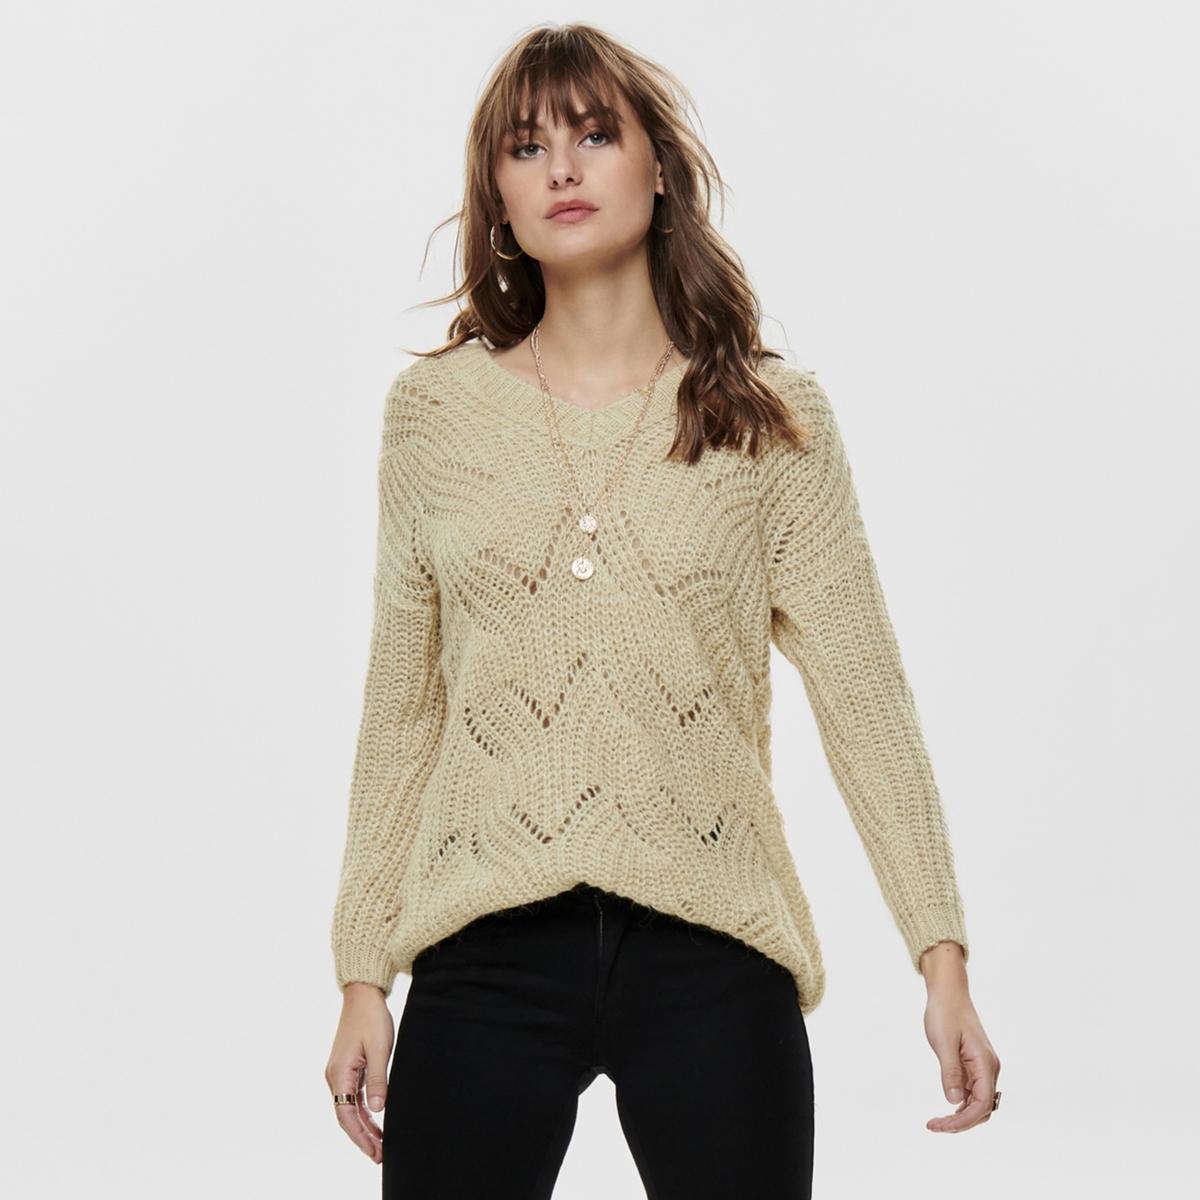 цена на Пуловер La Redoute С V-образным вырезом из плотного трикотажа XL бежевый